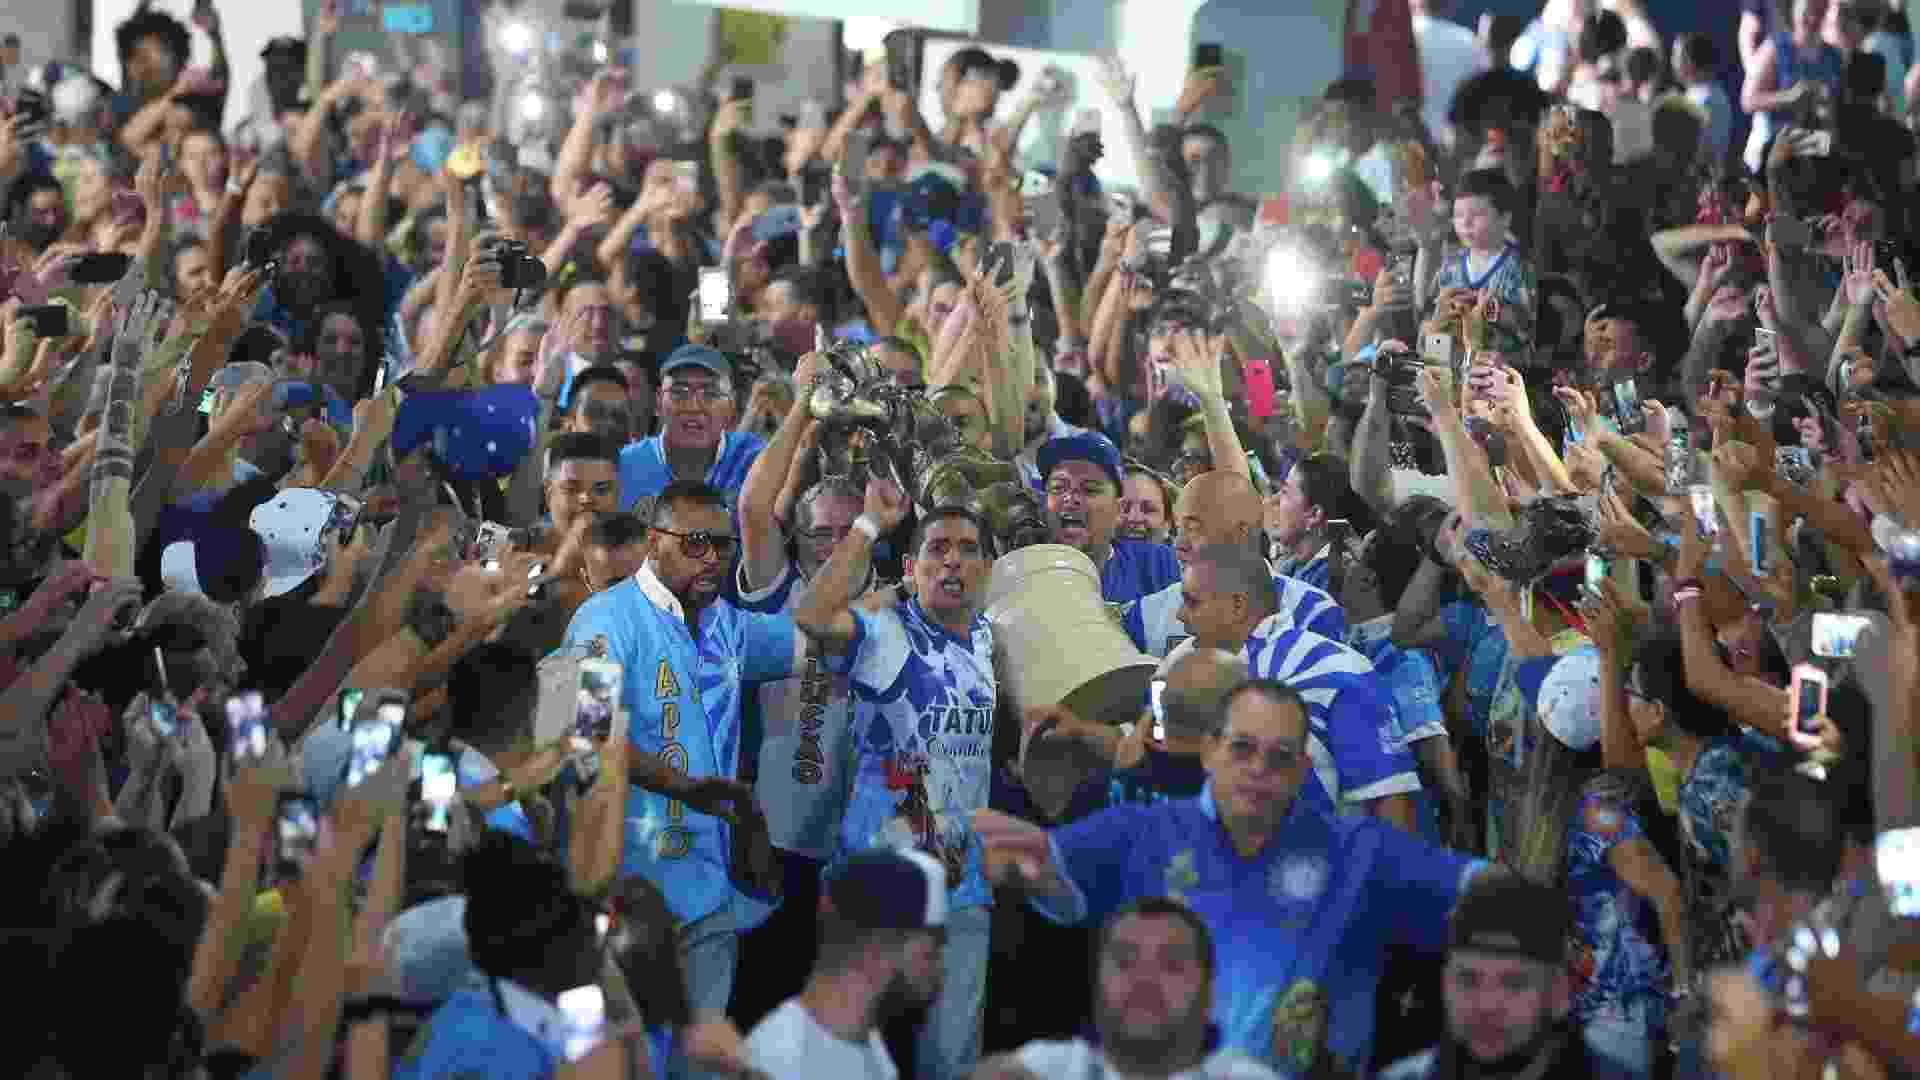 Comemoração na quadra da Acadêmicos do Tatuapé, bicampeã do Carnaval de SP - Ricardo Matsukawa/UOL